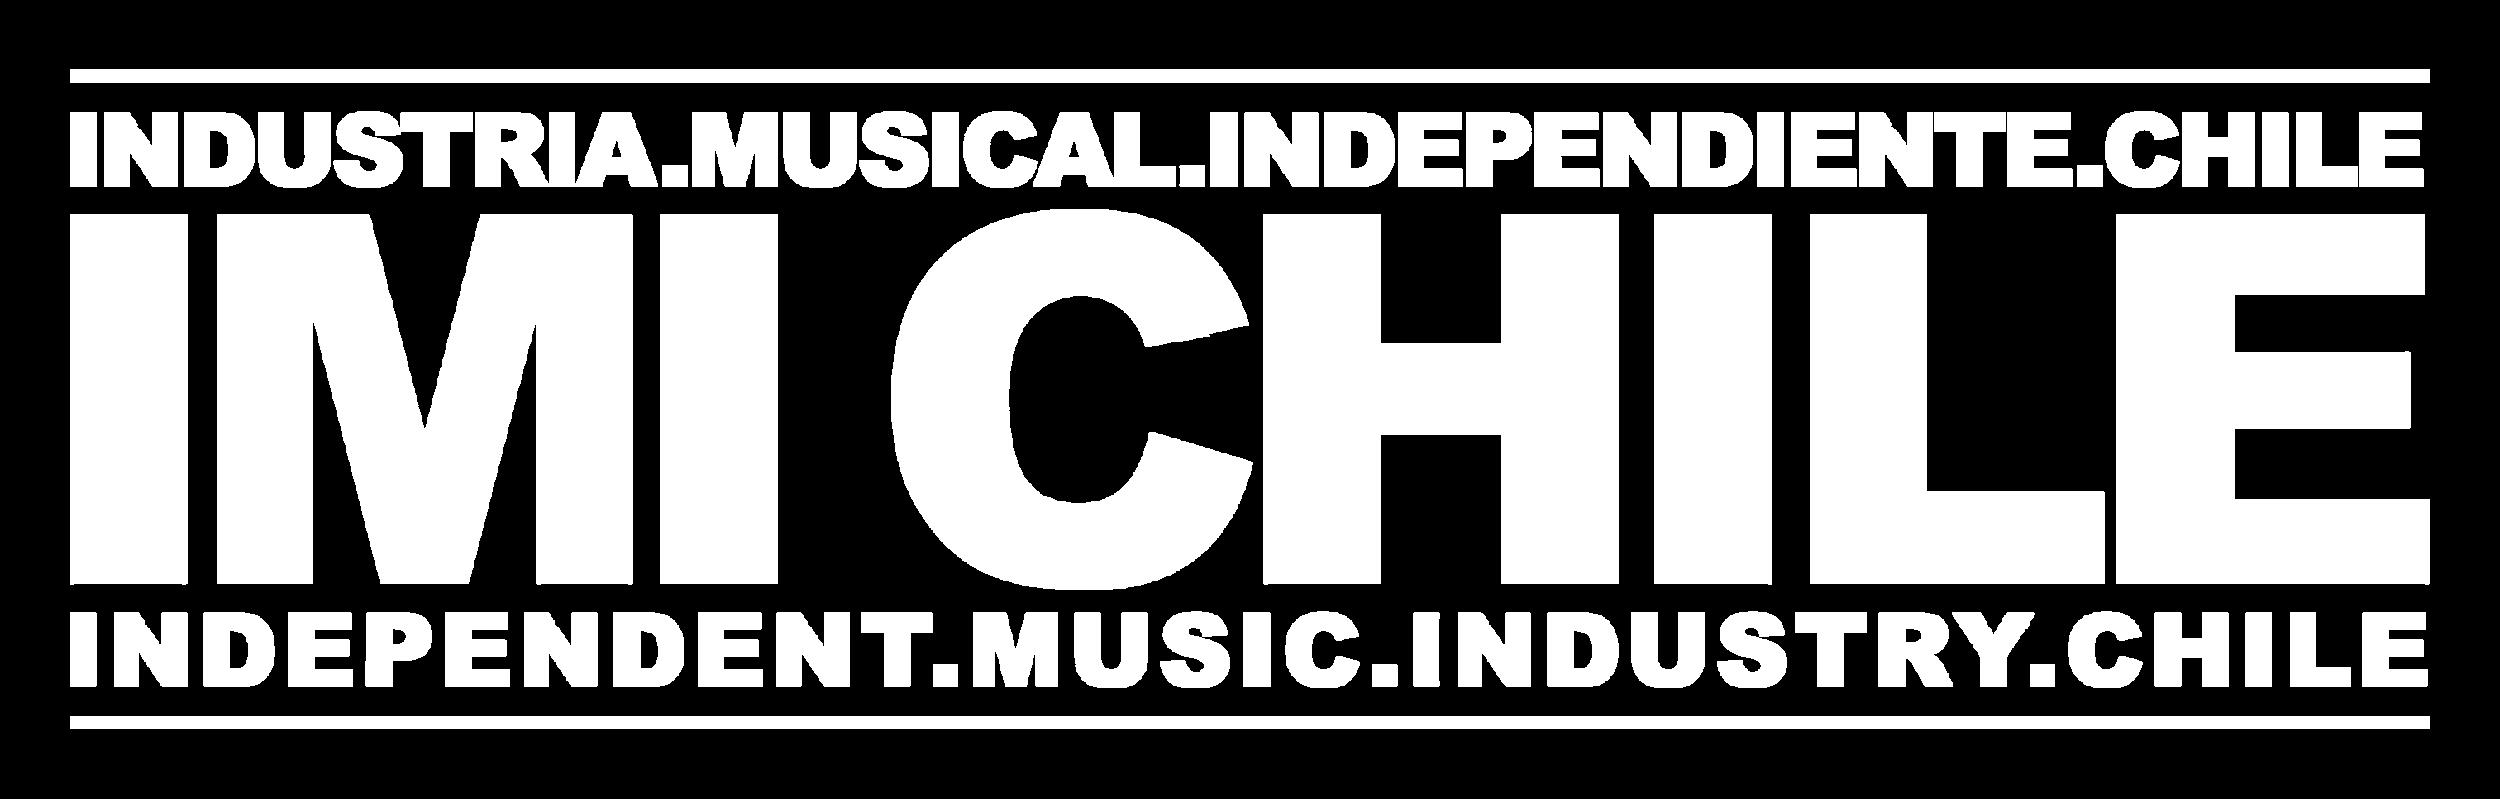 IMI-CHILEBLANCO.png